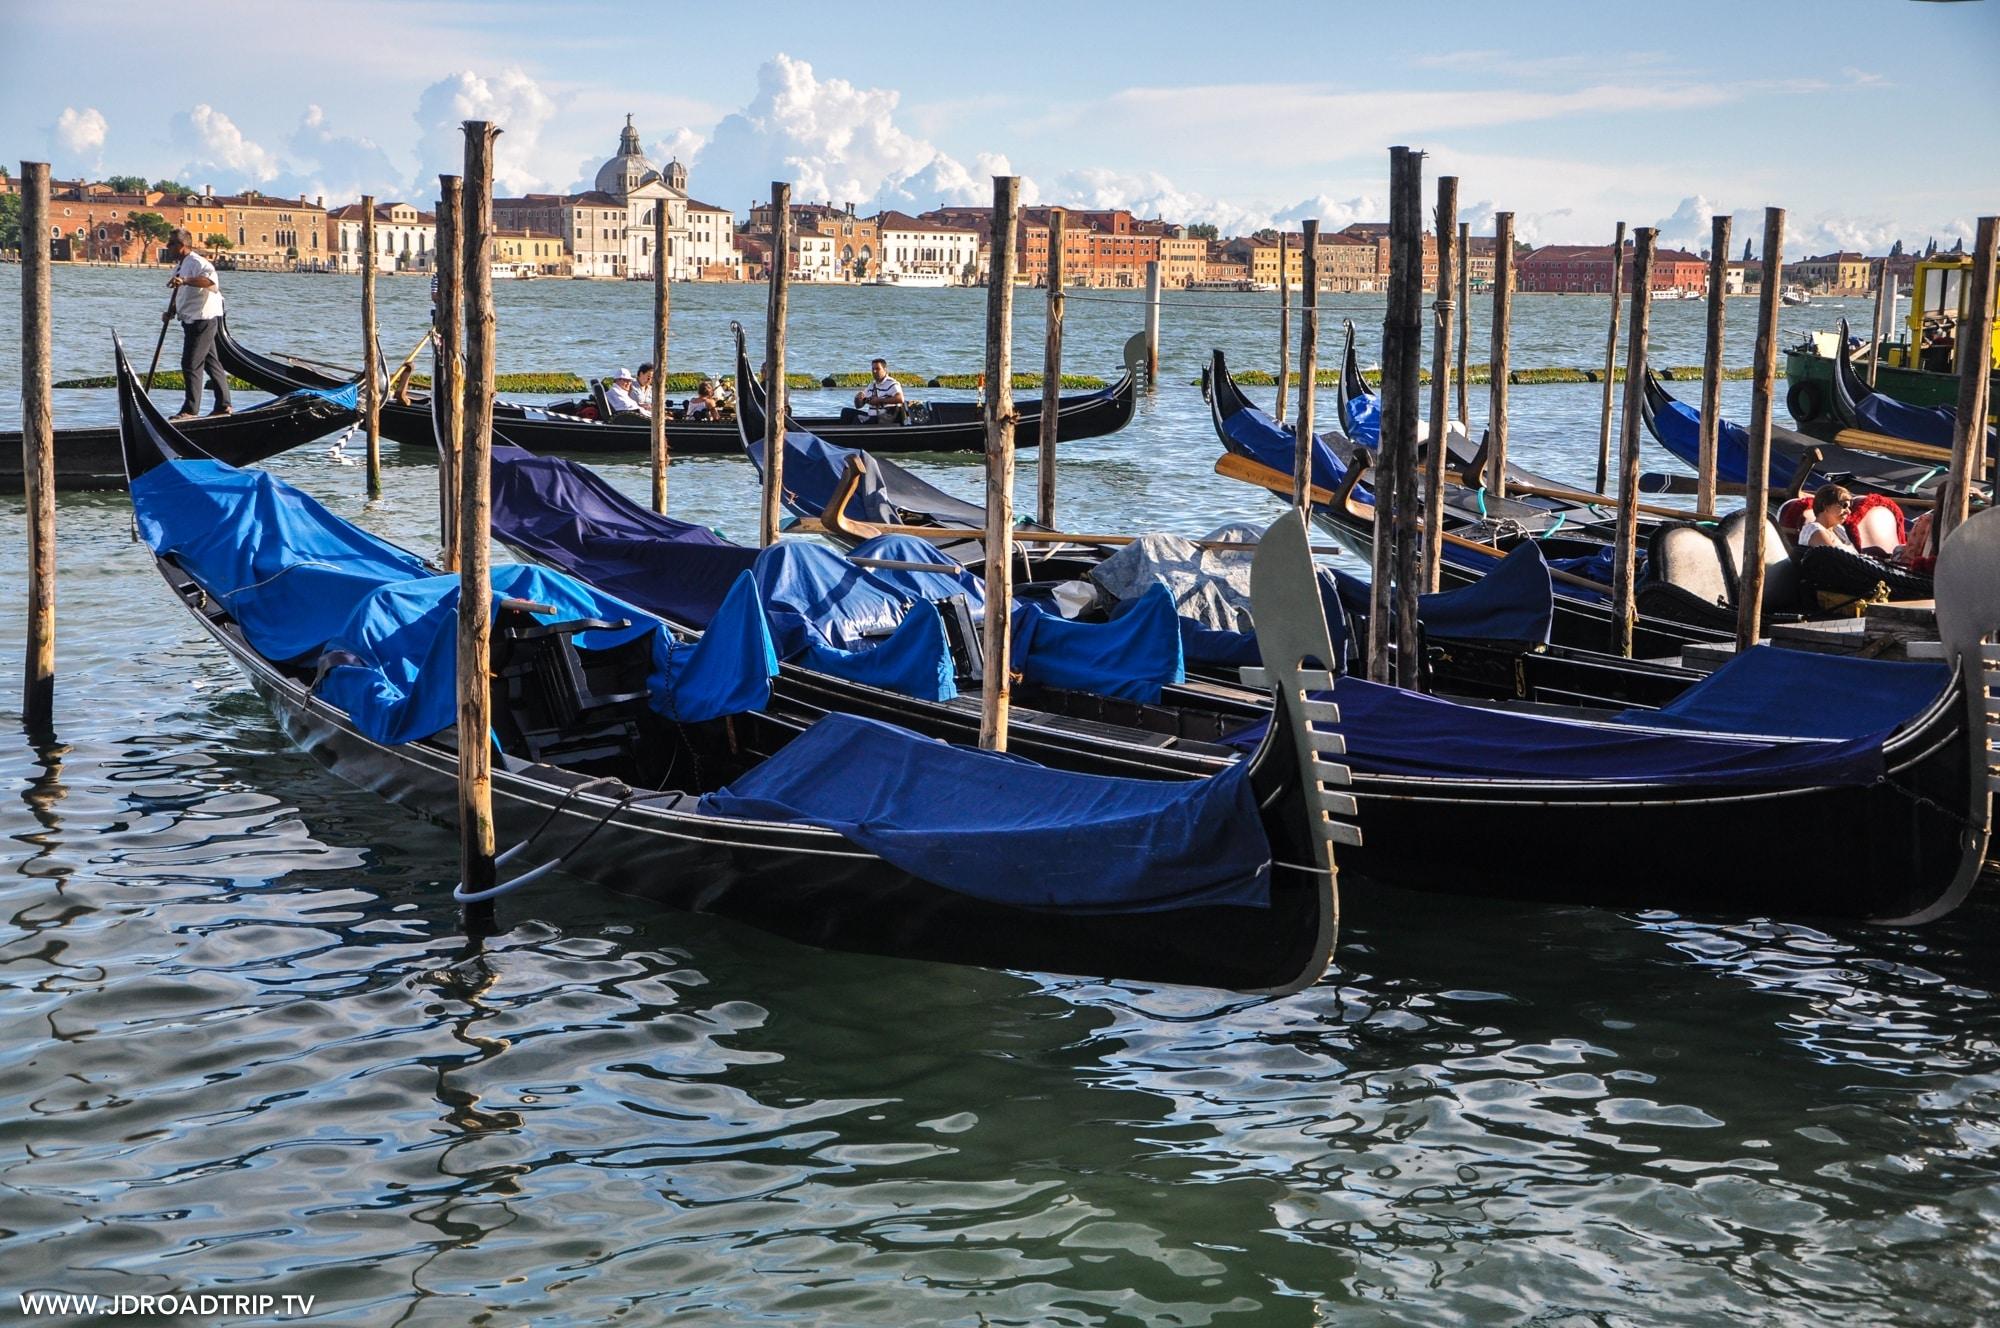 Visiter Venise en 3 jours - Tour en gondole